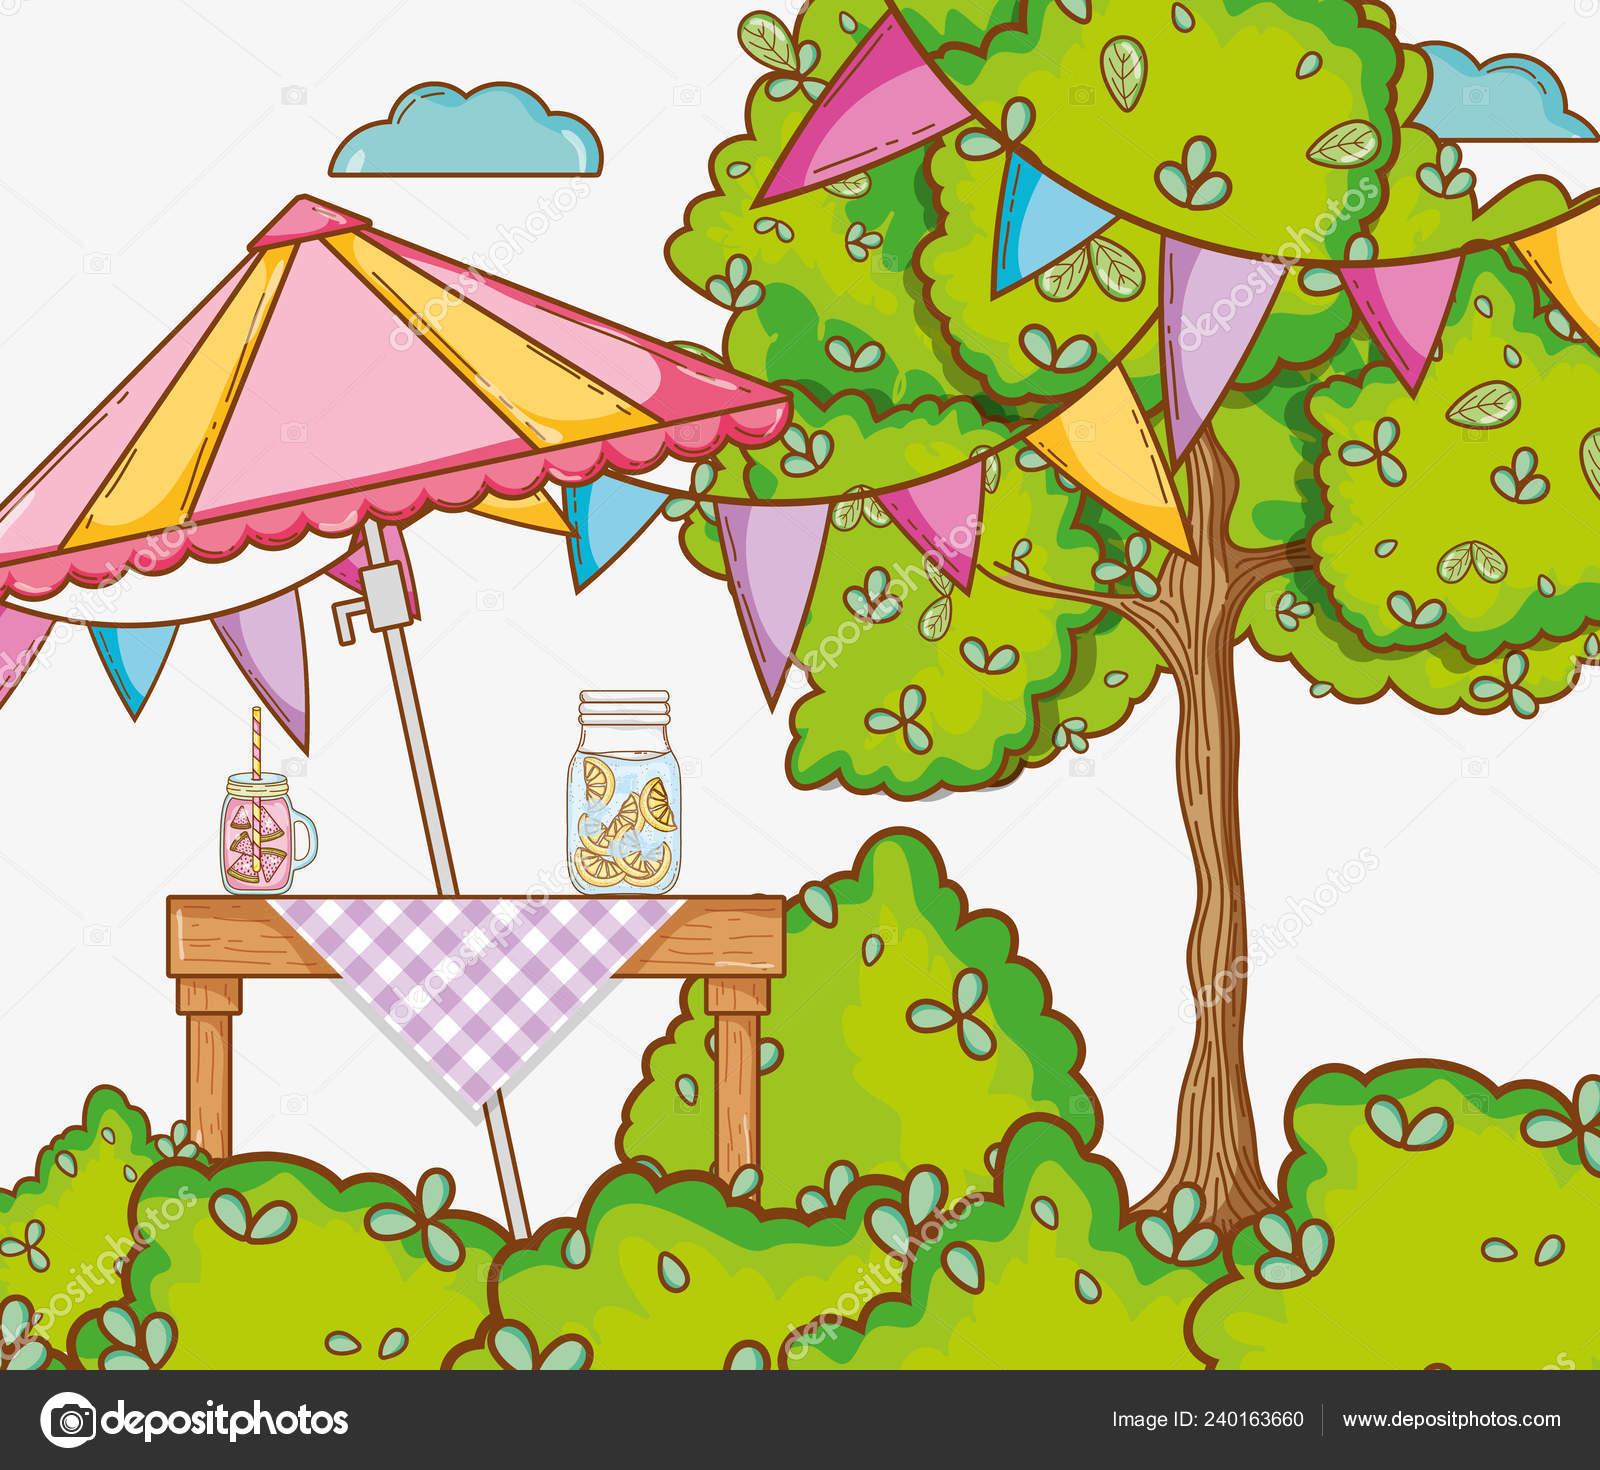 Garden party cartoon image.